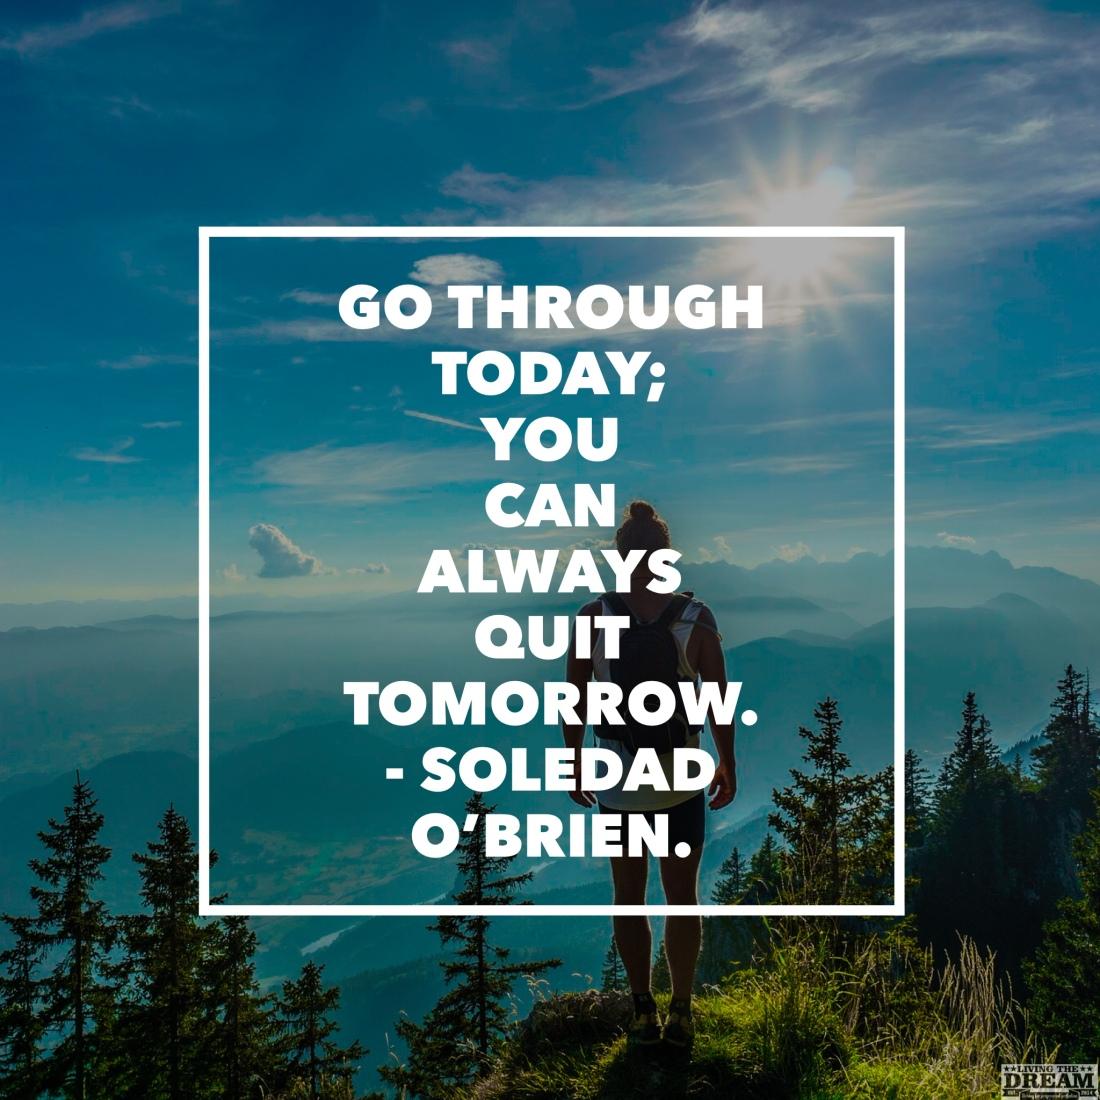 Go through today; quit tomorrow living the dream